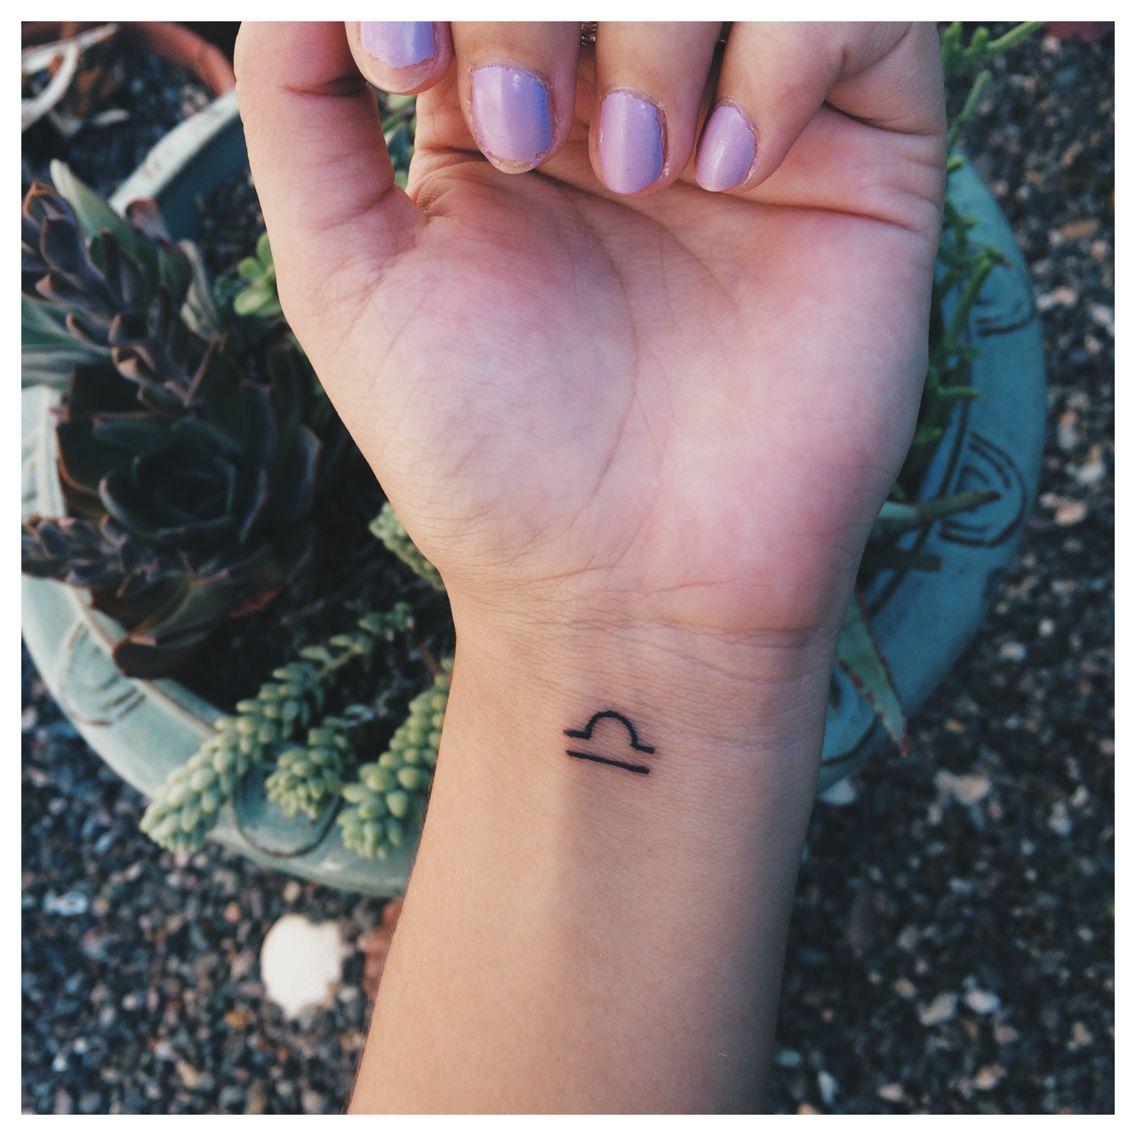 Lovee My New Libra Tattoo Libra Tattoo Libra Sign Tattoos Tattoos